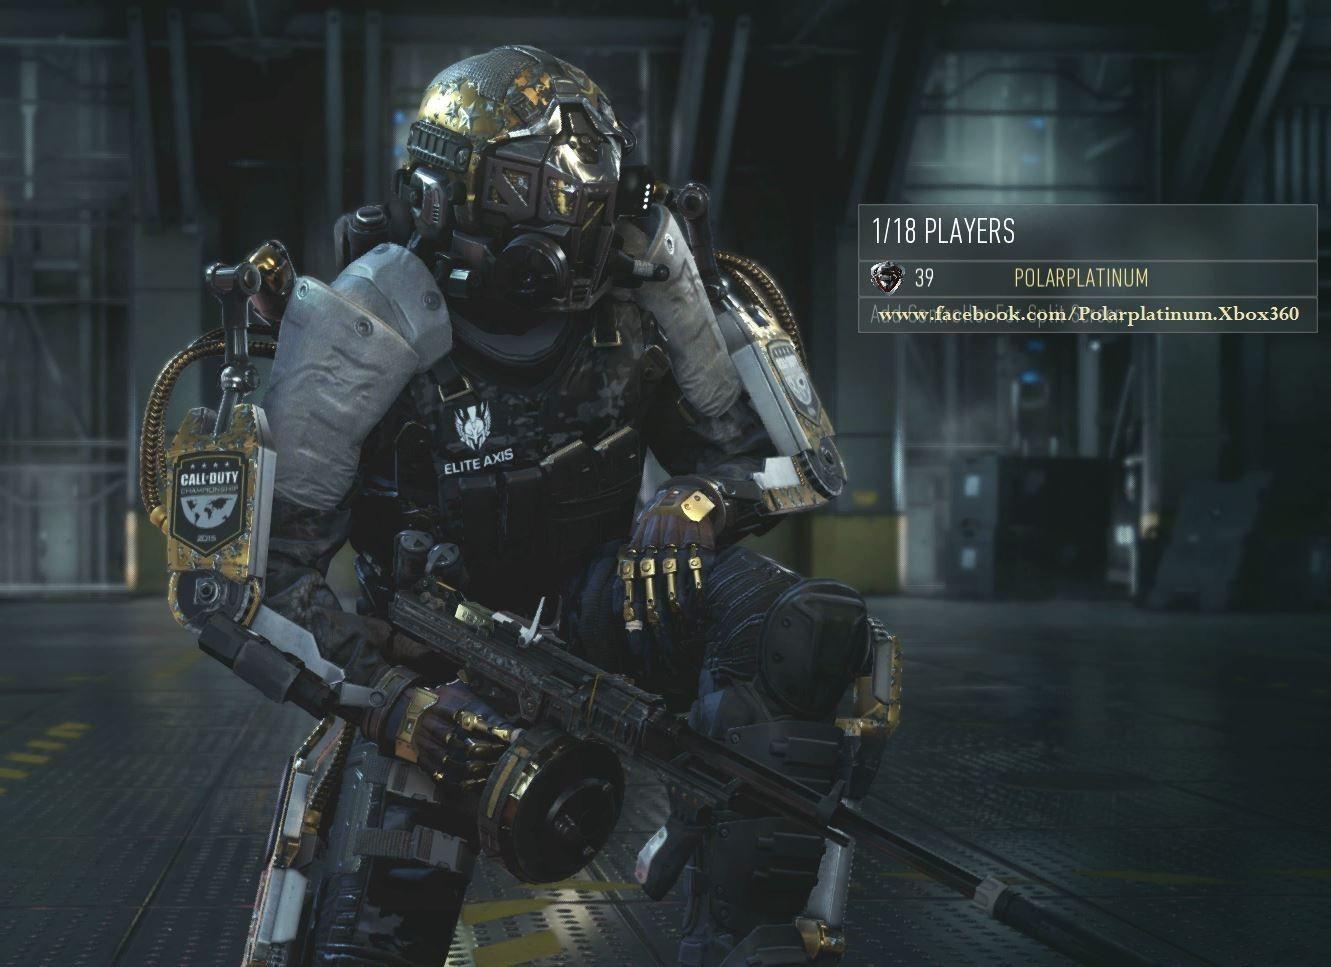 Call Of Duty Modern Warfare Call Of Duty Modern Warfare Pc G2a Call Of Duty Advanced Warfare Modern Warfare